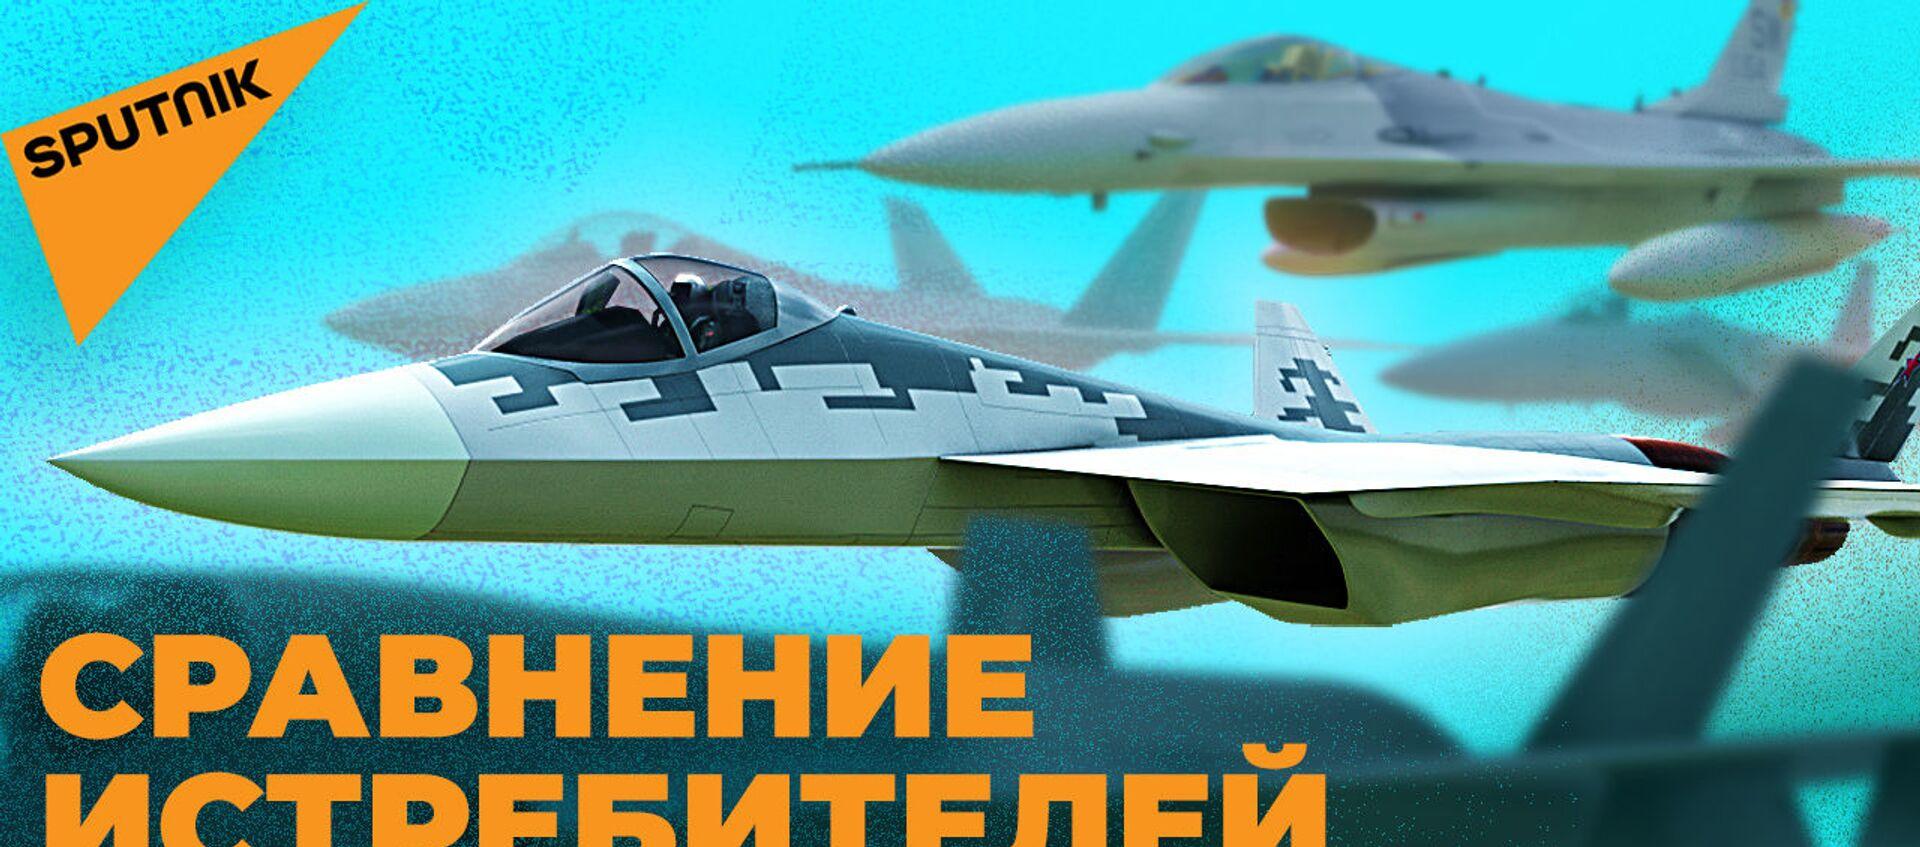 ТОП истребителей России и США: кто победит в воздушном бою? - Sputnik Южная Осетия, 1920, 06.06.2021